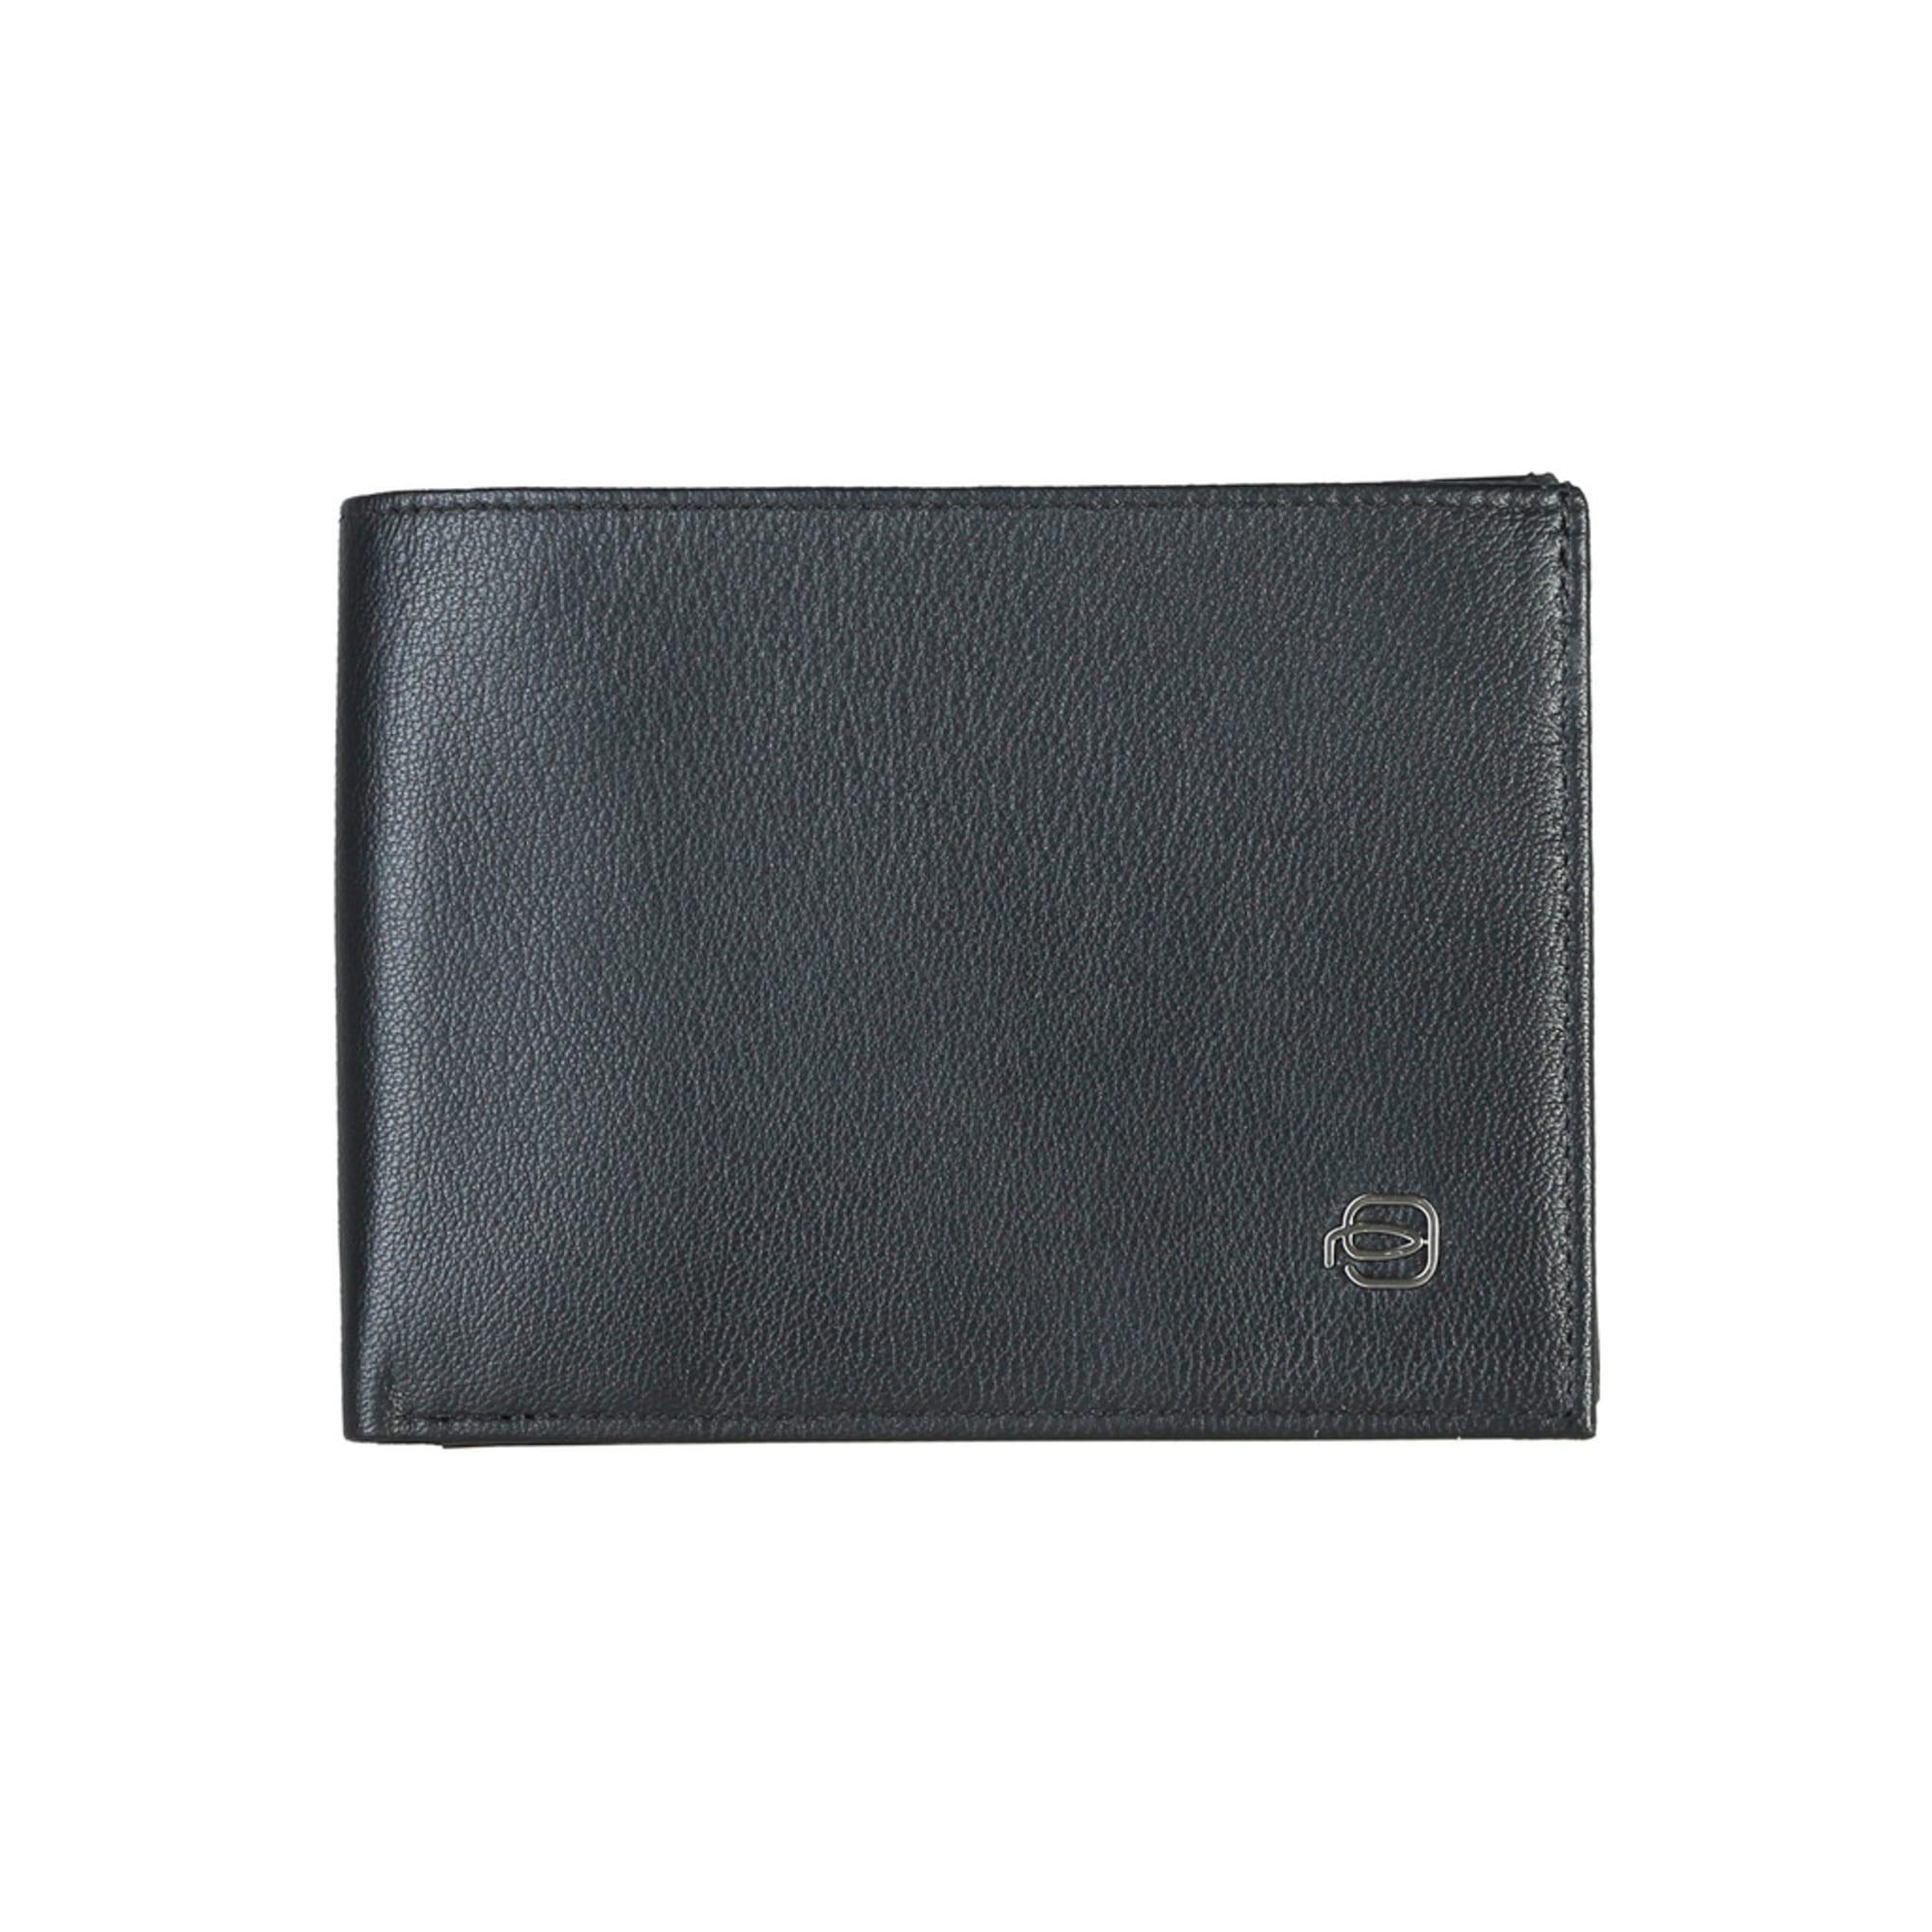 Portefeuille PIQUADRO noir - 6582925 1fde38e35ab